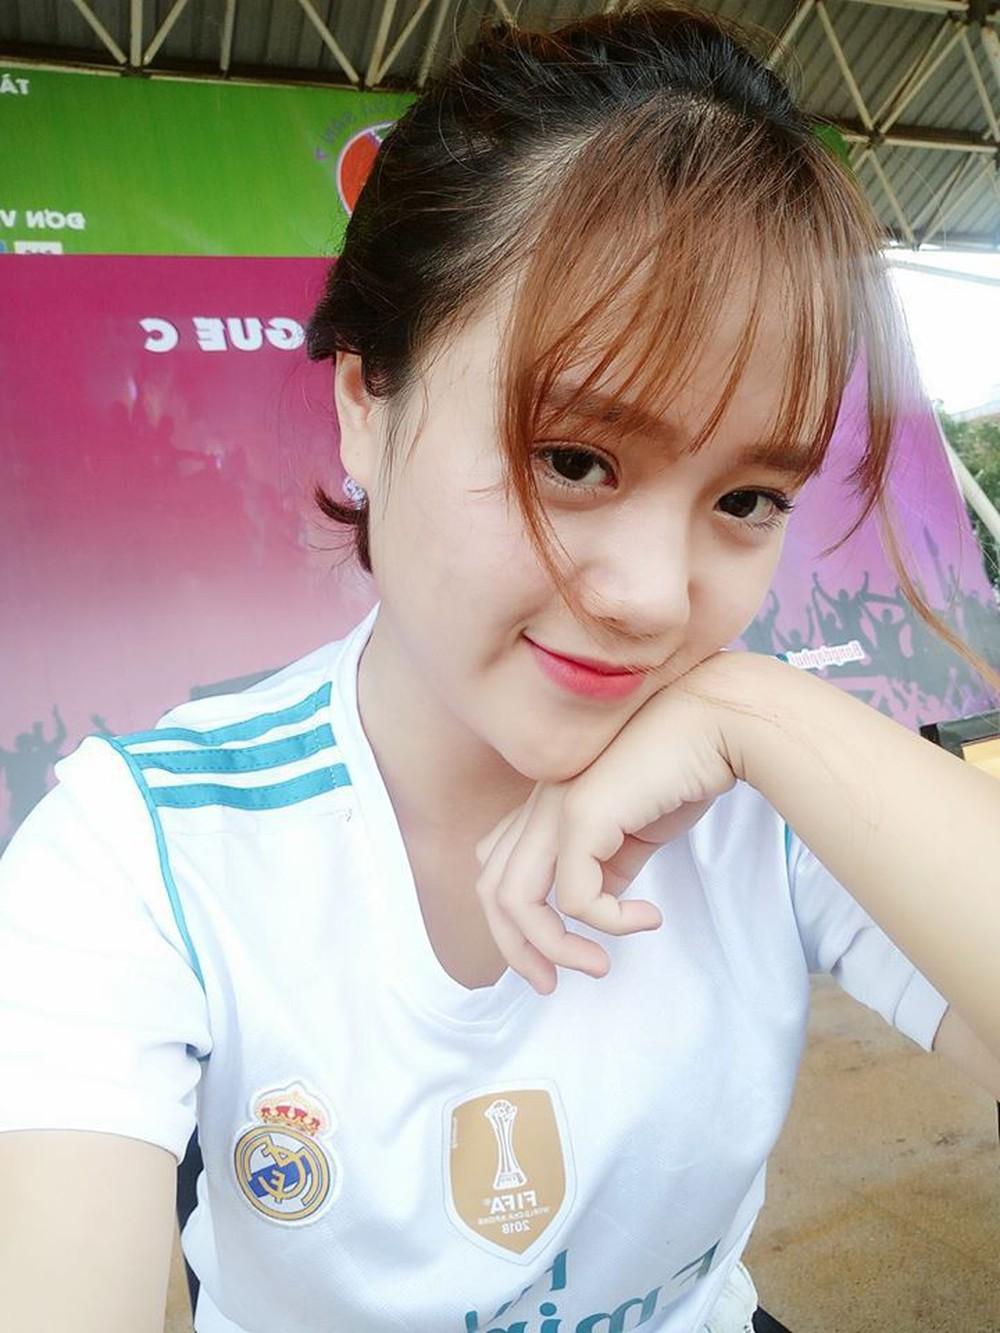 Nữ streamer người Tày xinh đẹp, là cựu sinh viên ĐH Bách Khoa - Ảnh 5.